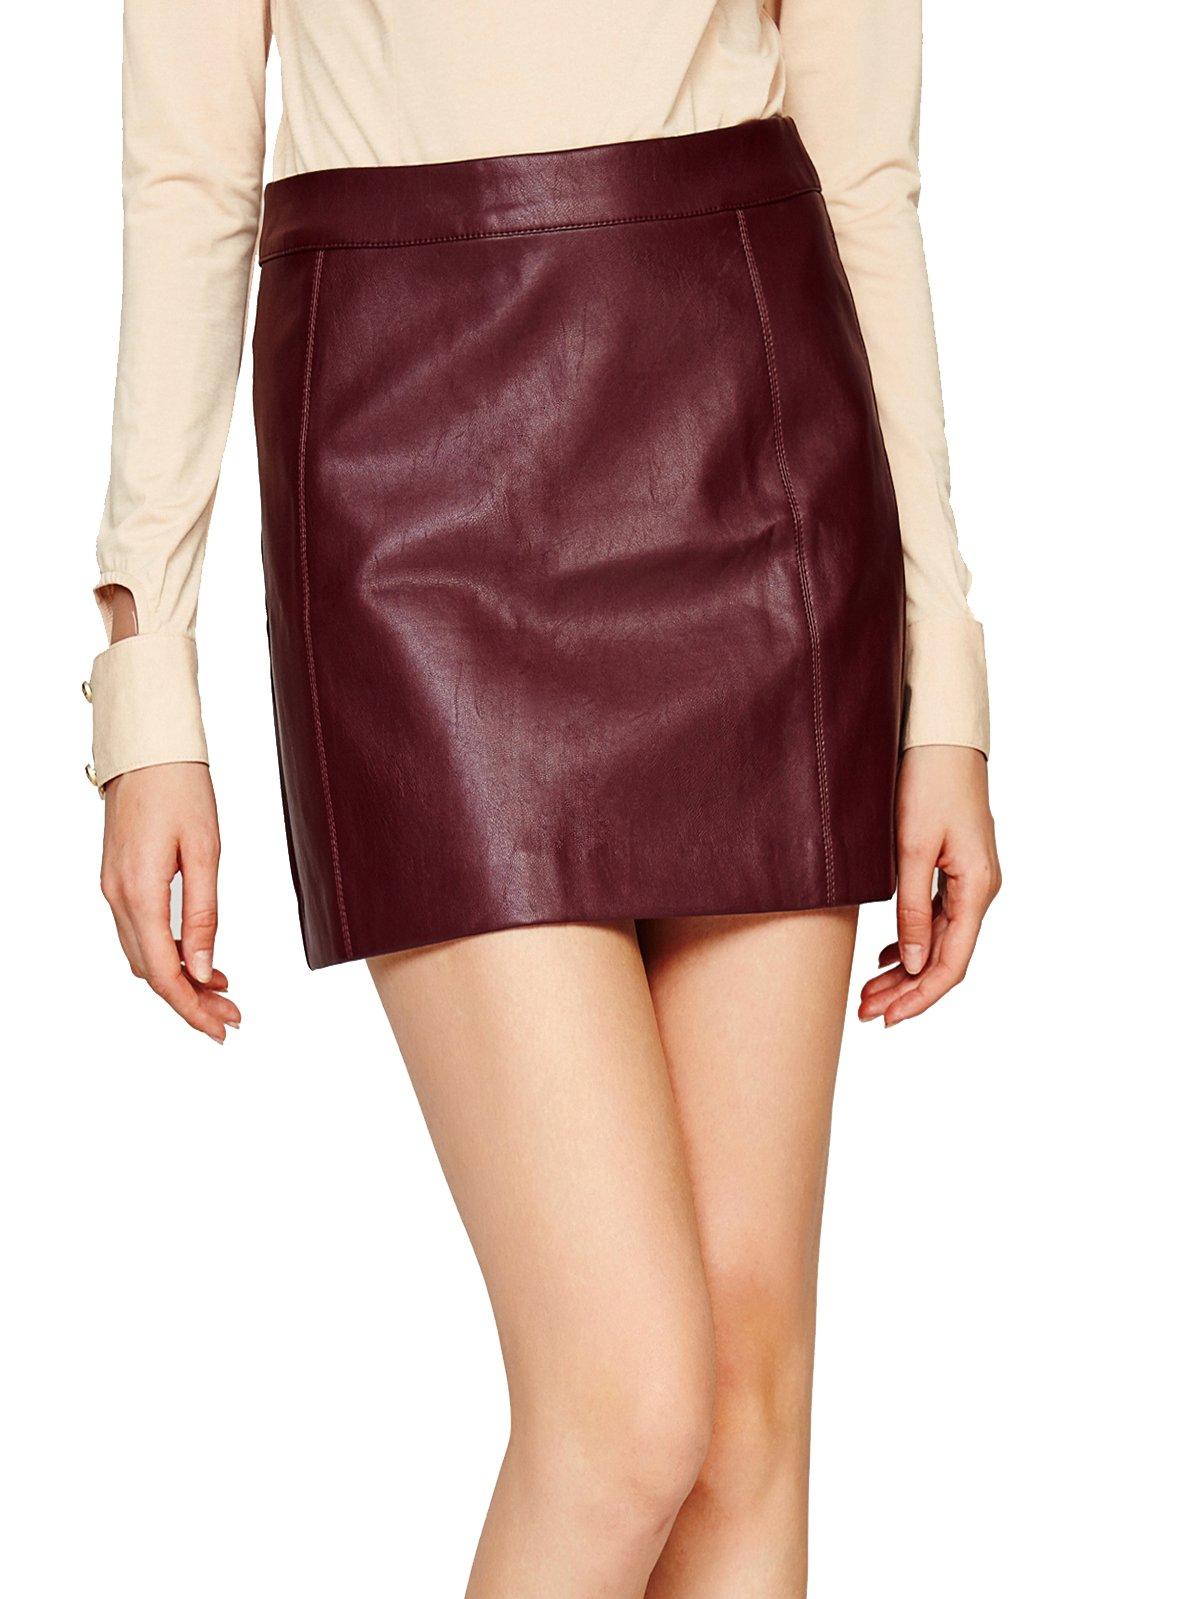 Escalier Women's PU Leather Skirt High Waist Back Zipper Mini A Line Skirts